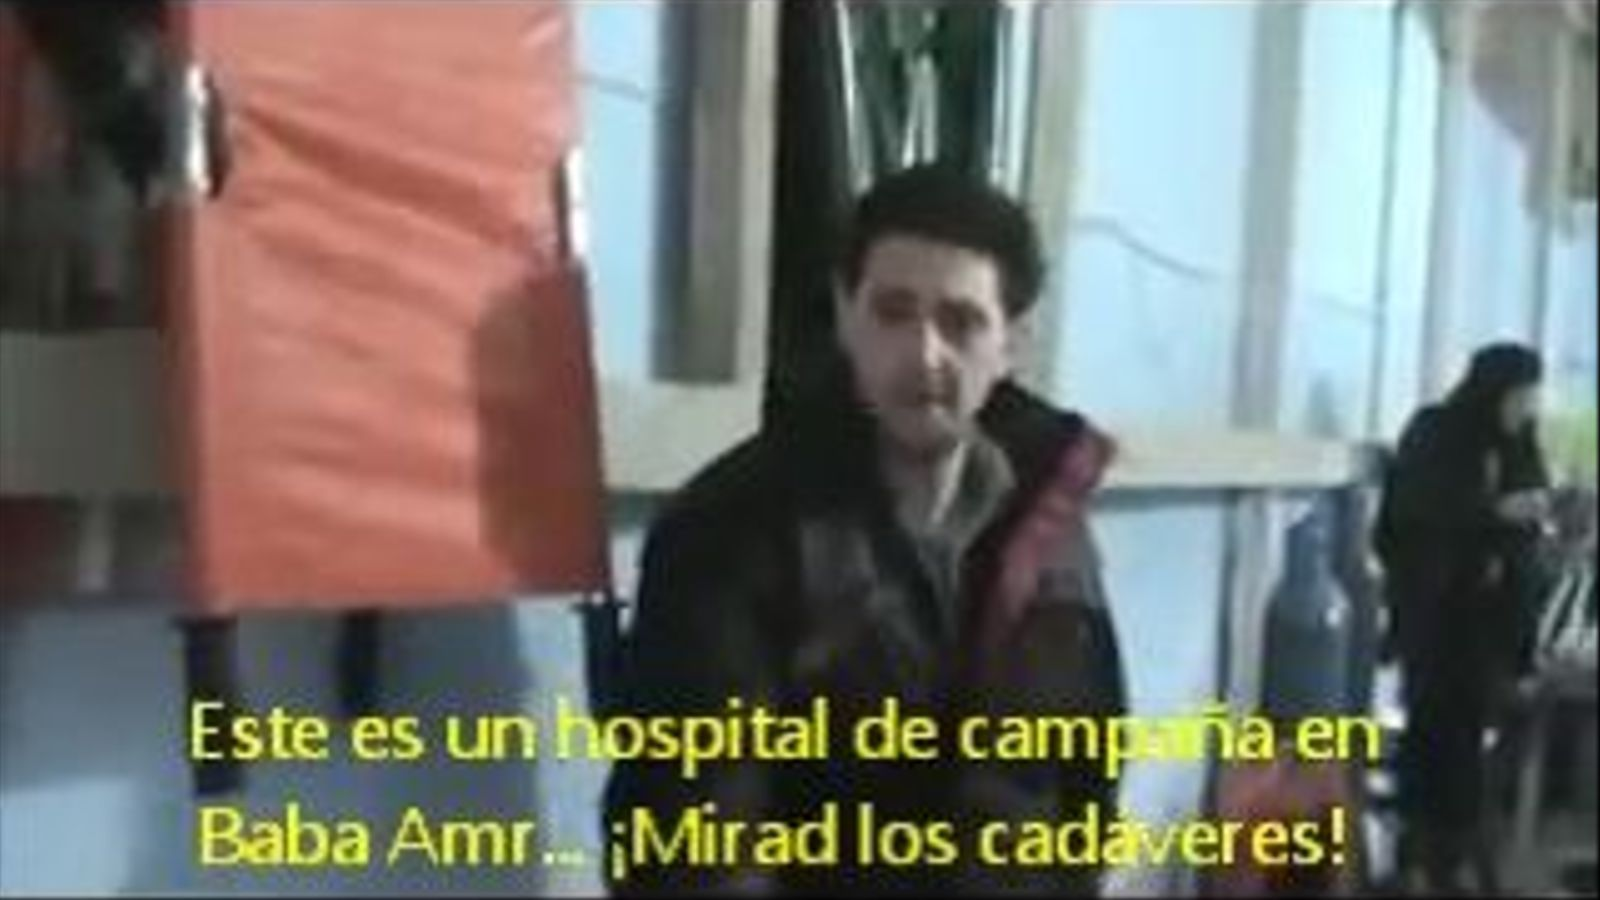 L'hospital de Baba Amr, a Homs, acull els ferits del bombardeig (subtítols en castellà)